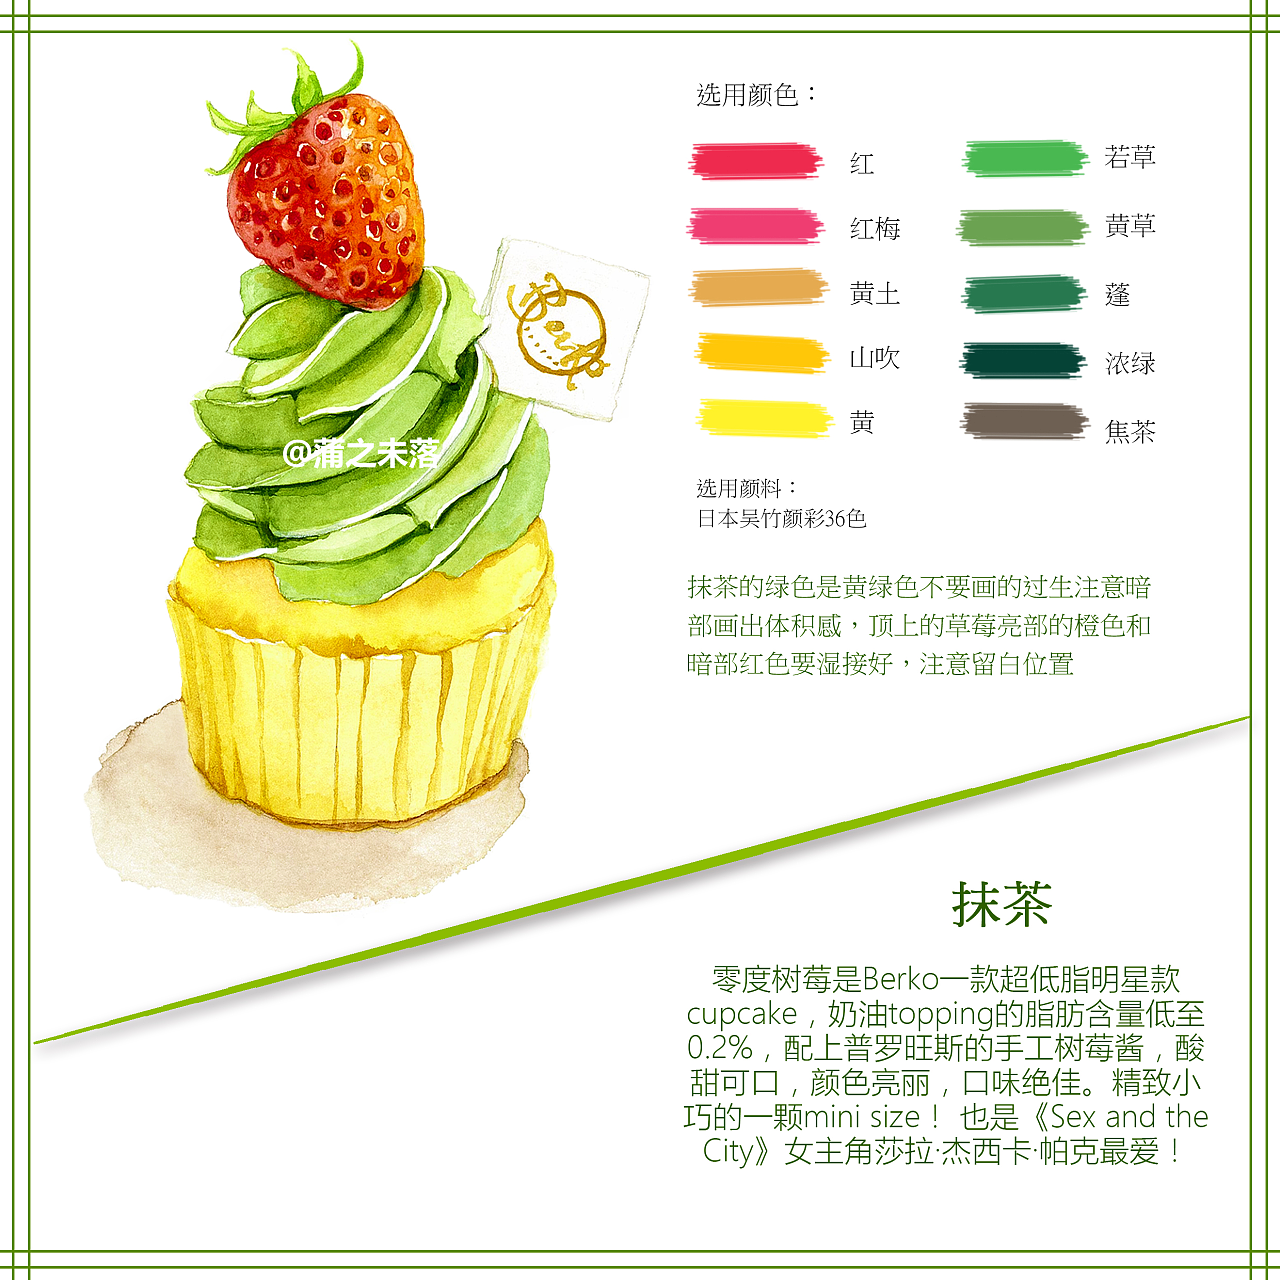 水彩手绘-甜品(抹茶杯子蛋糕)